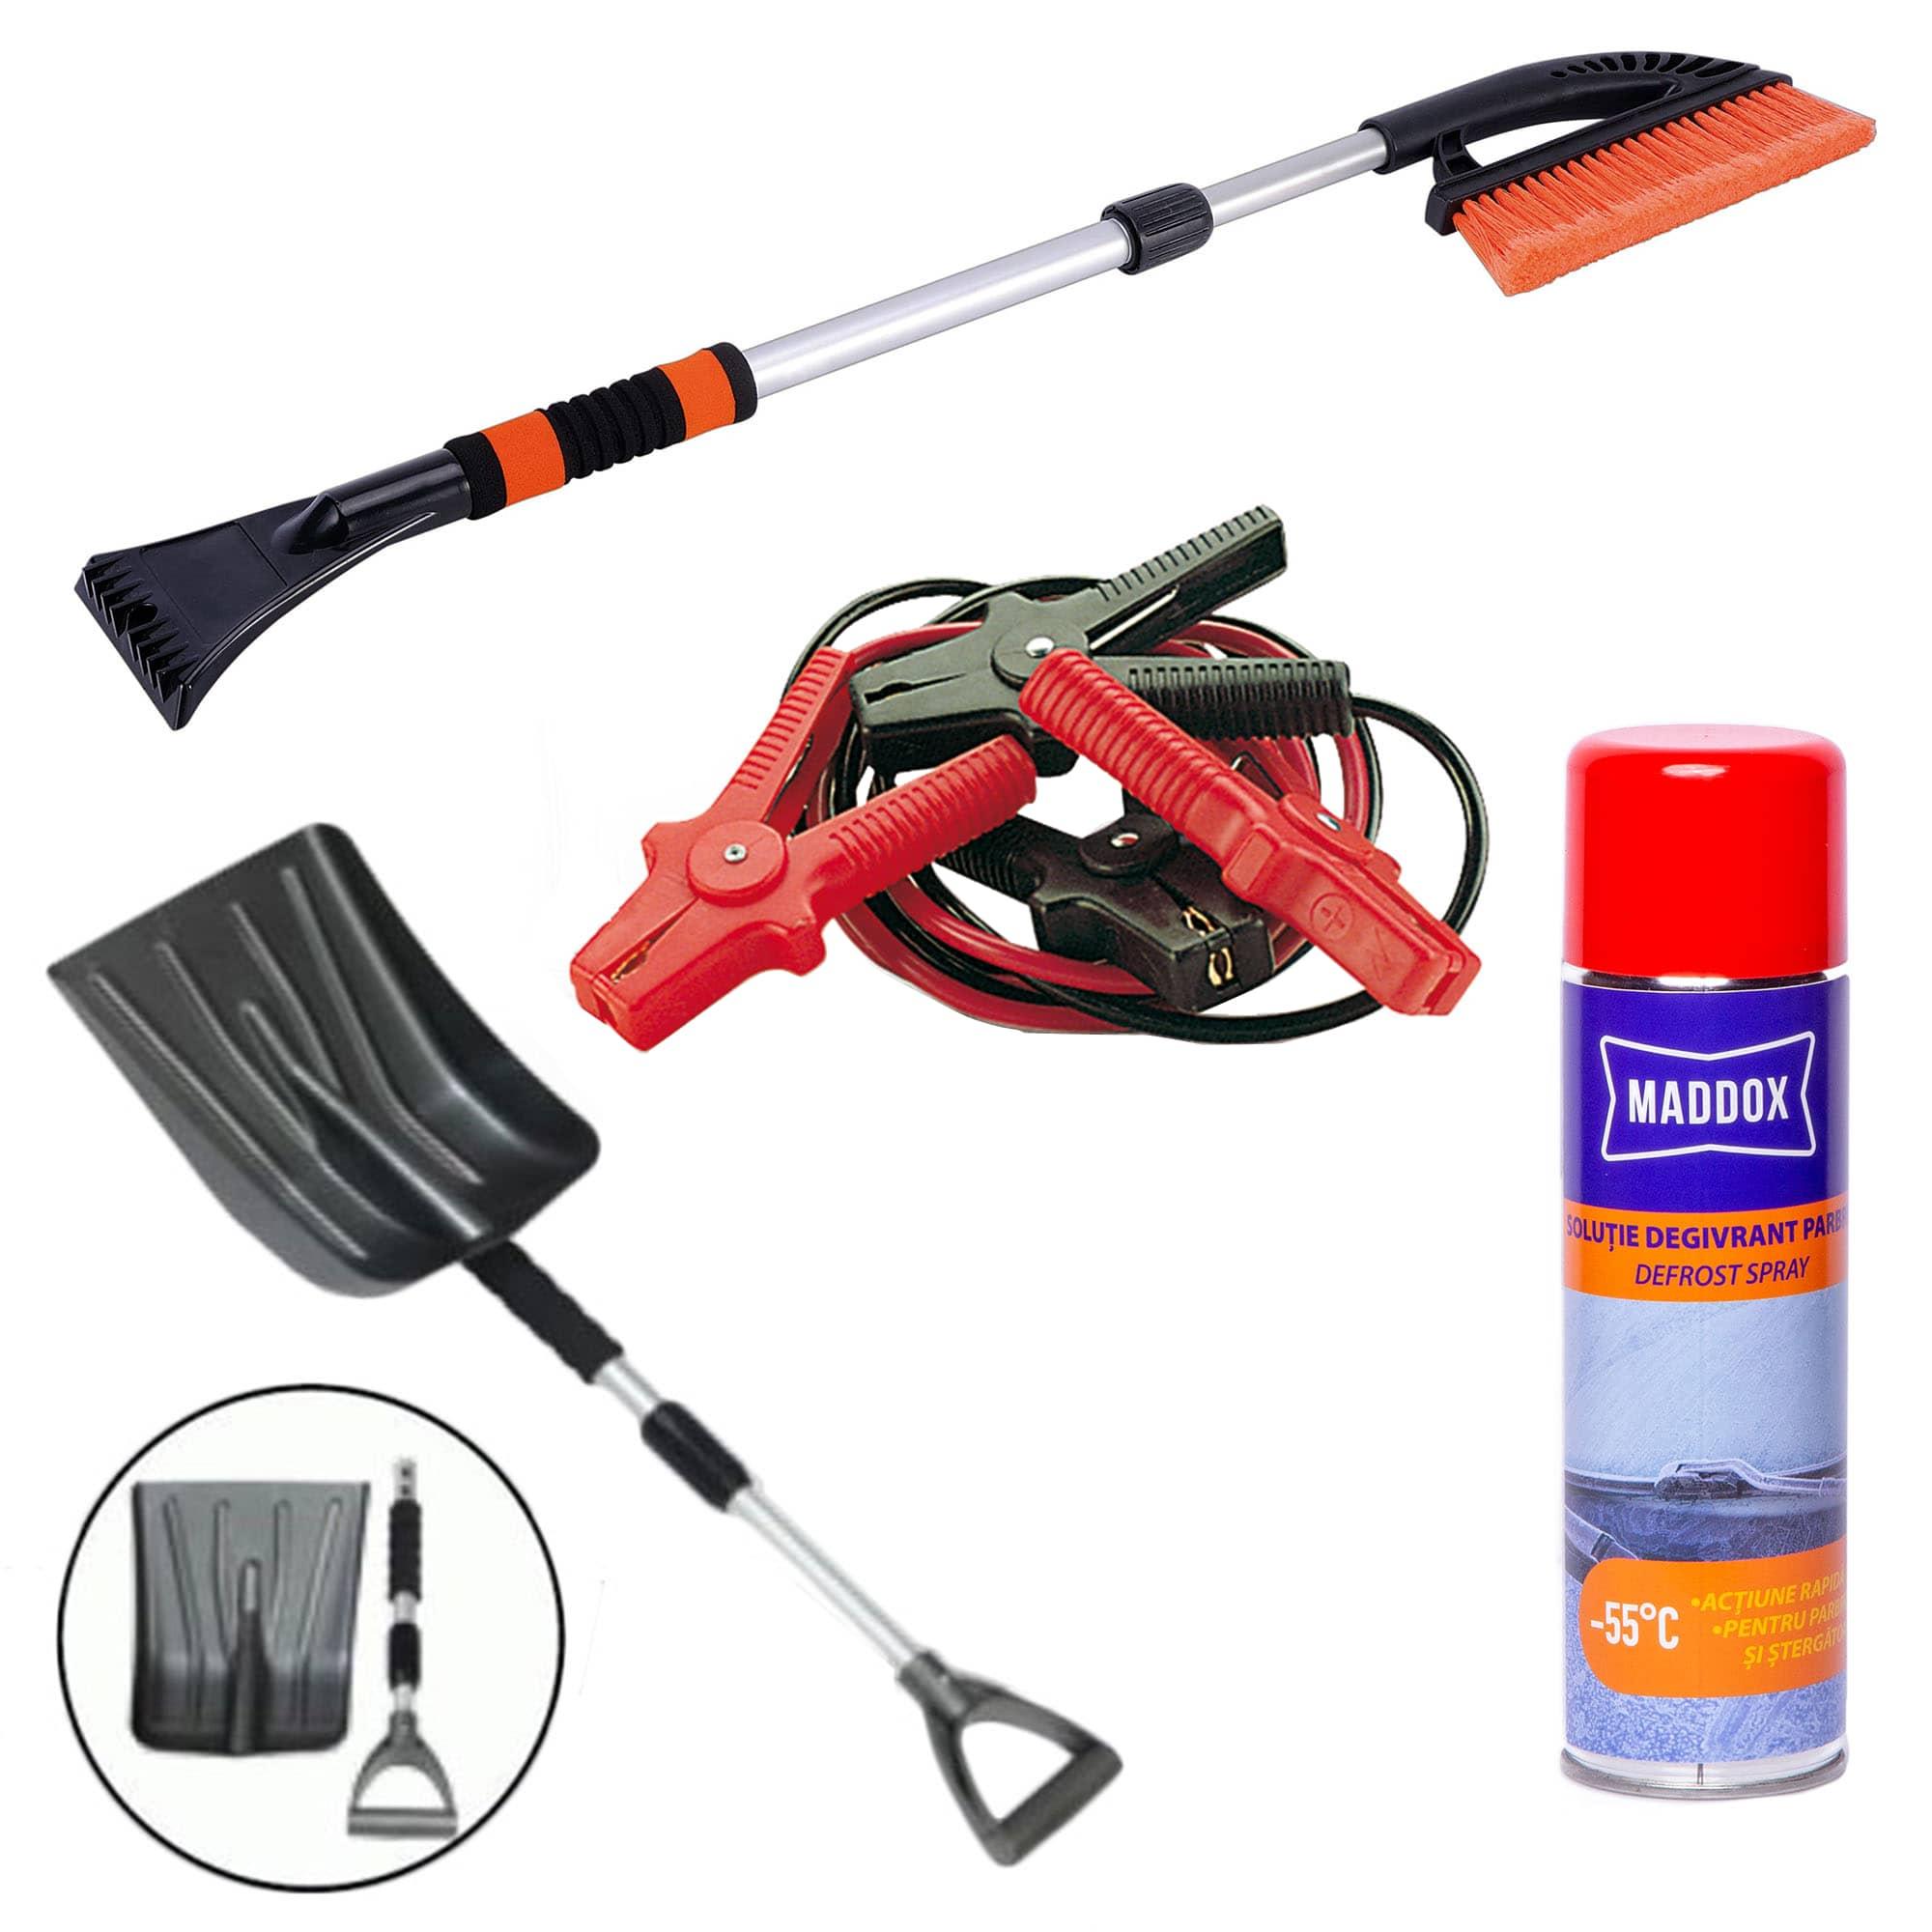 Fotografie Pachet iarna accesorii auto, contine: lopata extensibila, perie cu racleta telescopica,spray degivrant parbriz si cabluri curent 400A